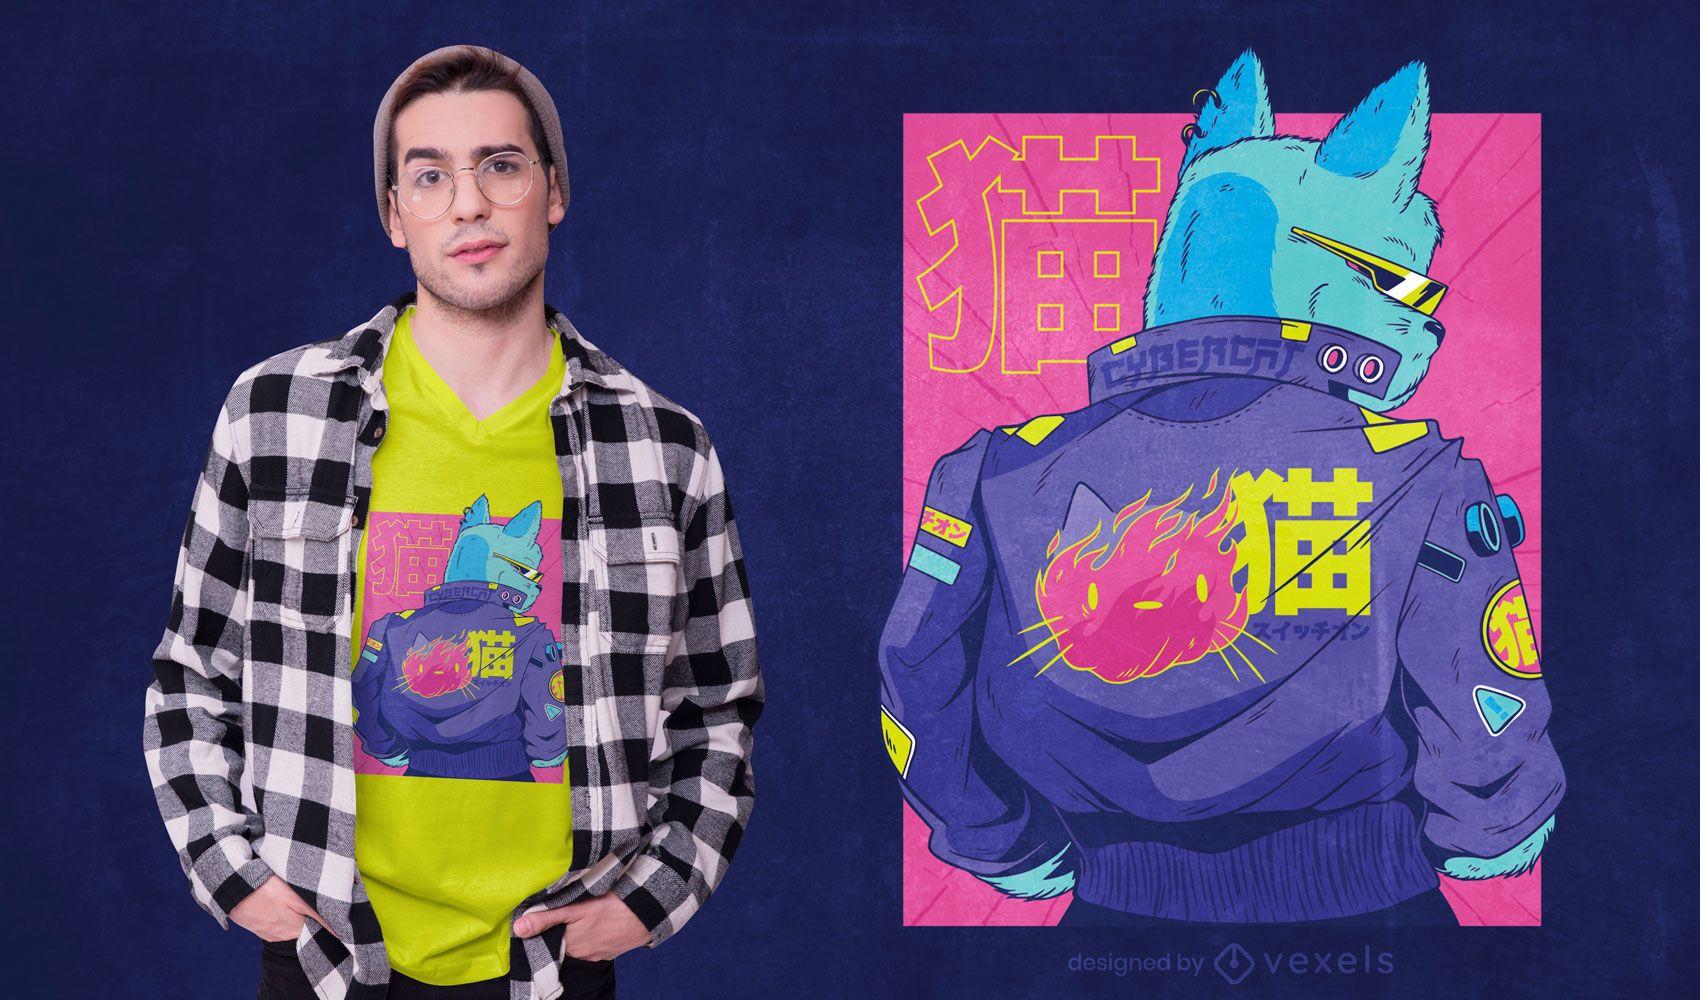 Diseño de camiseta Cyberpunk Cat